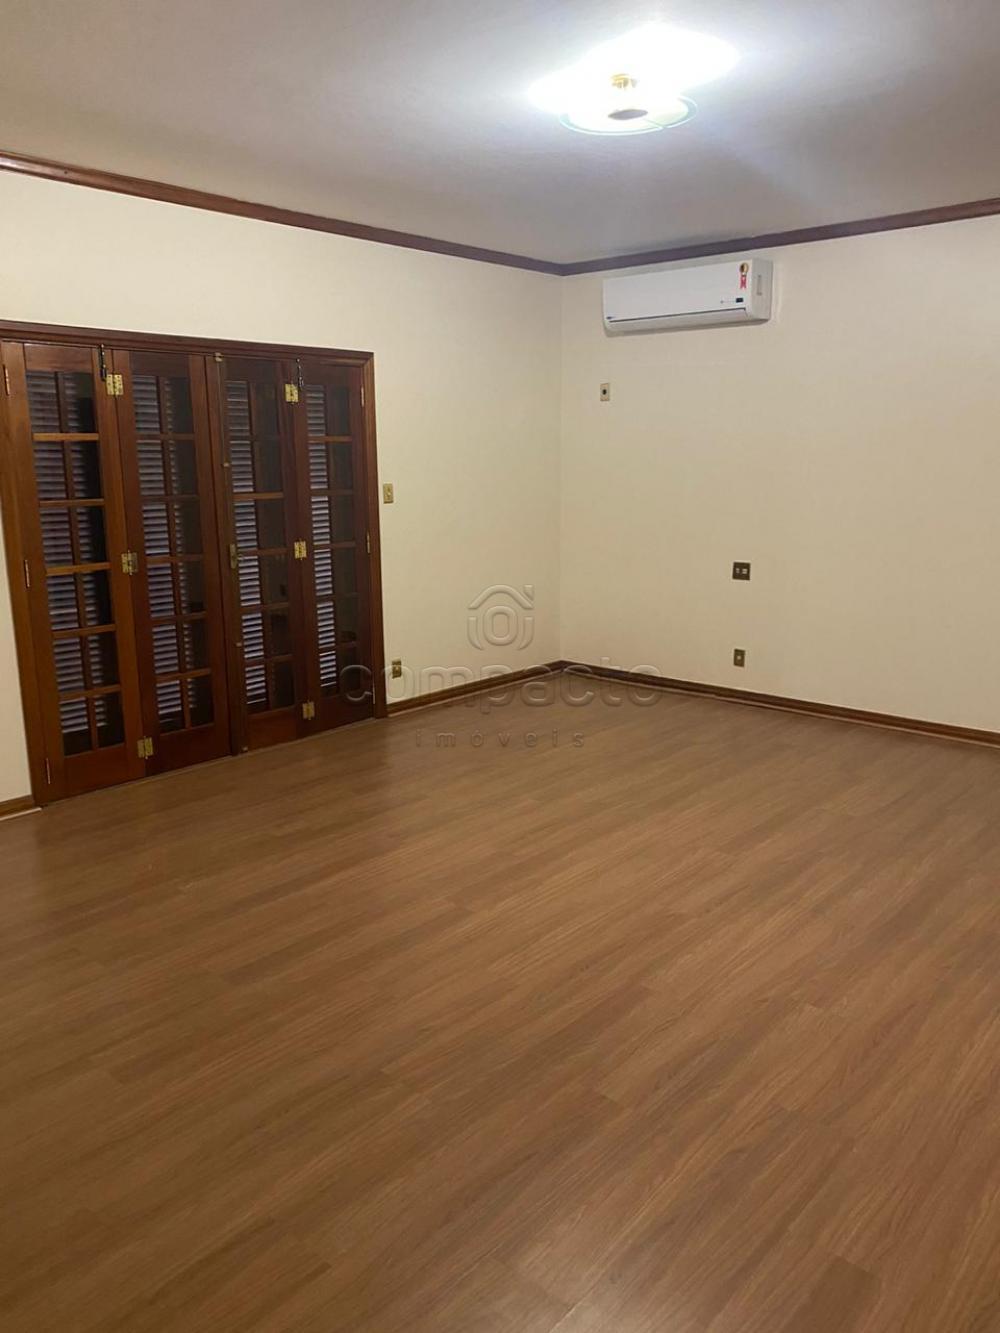 Alugar Casa / Condomínio em São José do Rio Preto apenas R$ 7.500,00 - Foto 23